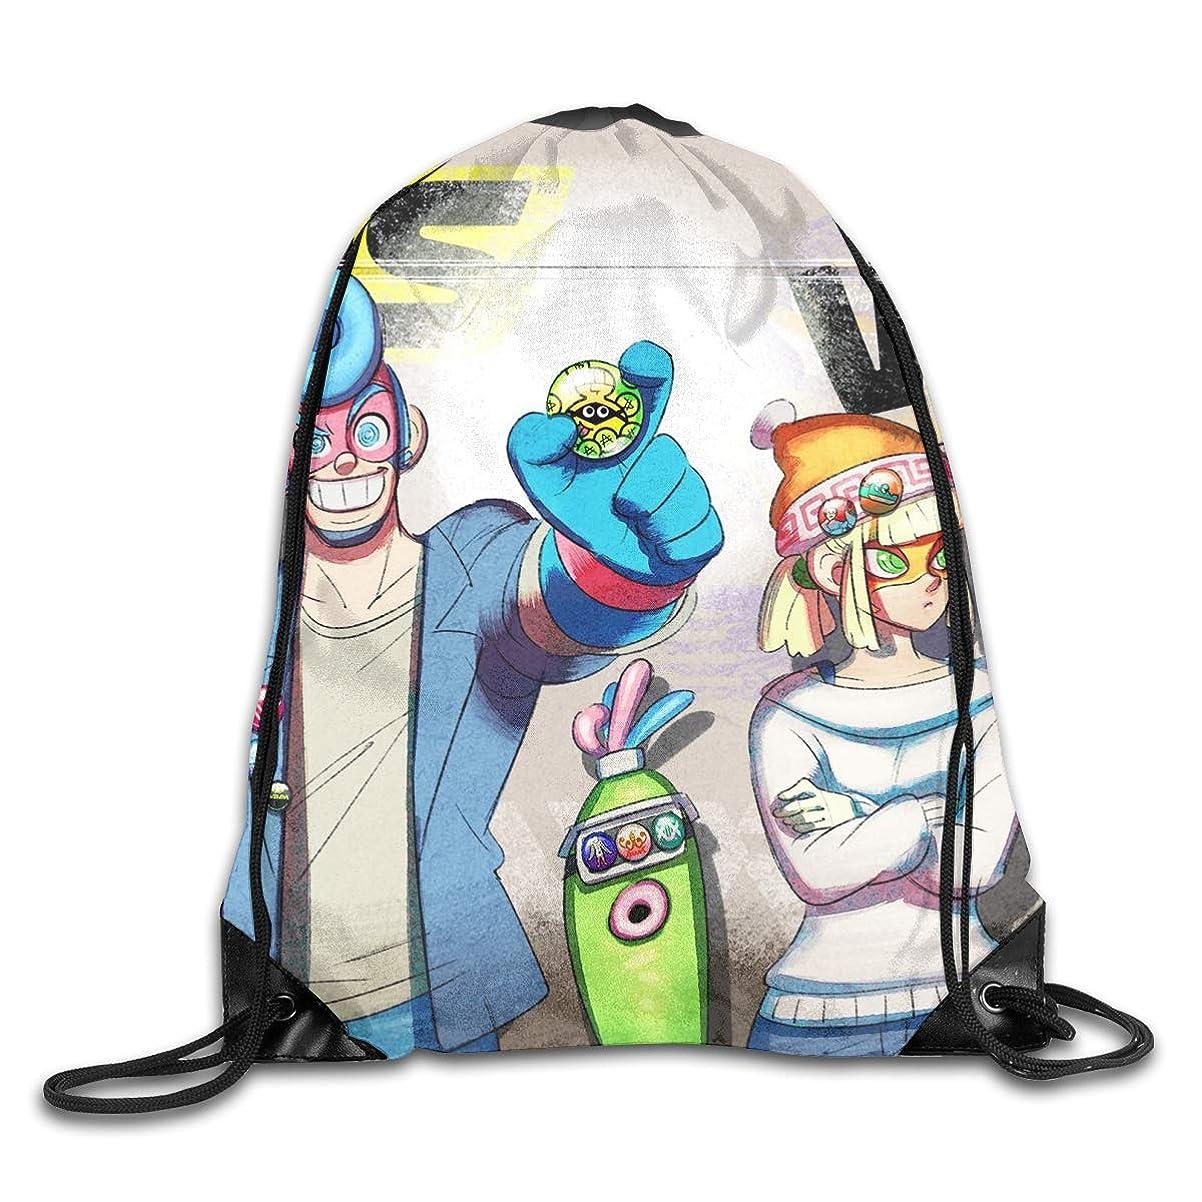 パーセント建物下るARMS 3 ジムサック ナップサック ライトバック 通学 運動 旅行に最適 メンズ レディース 兼用 バッグ 防水仕様 巾着袋 軽量